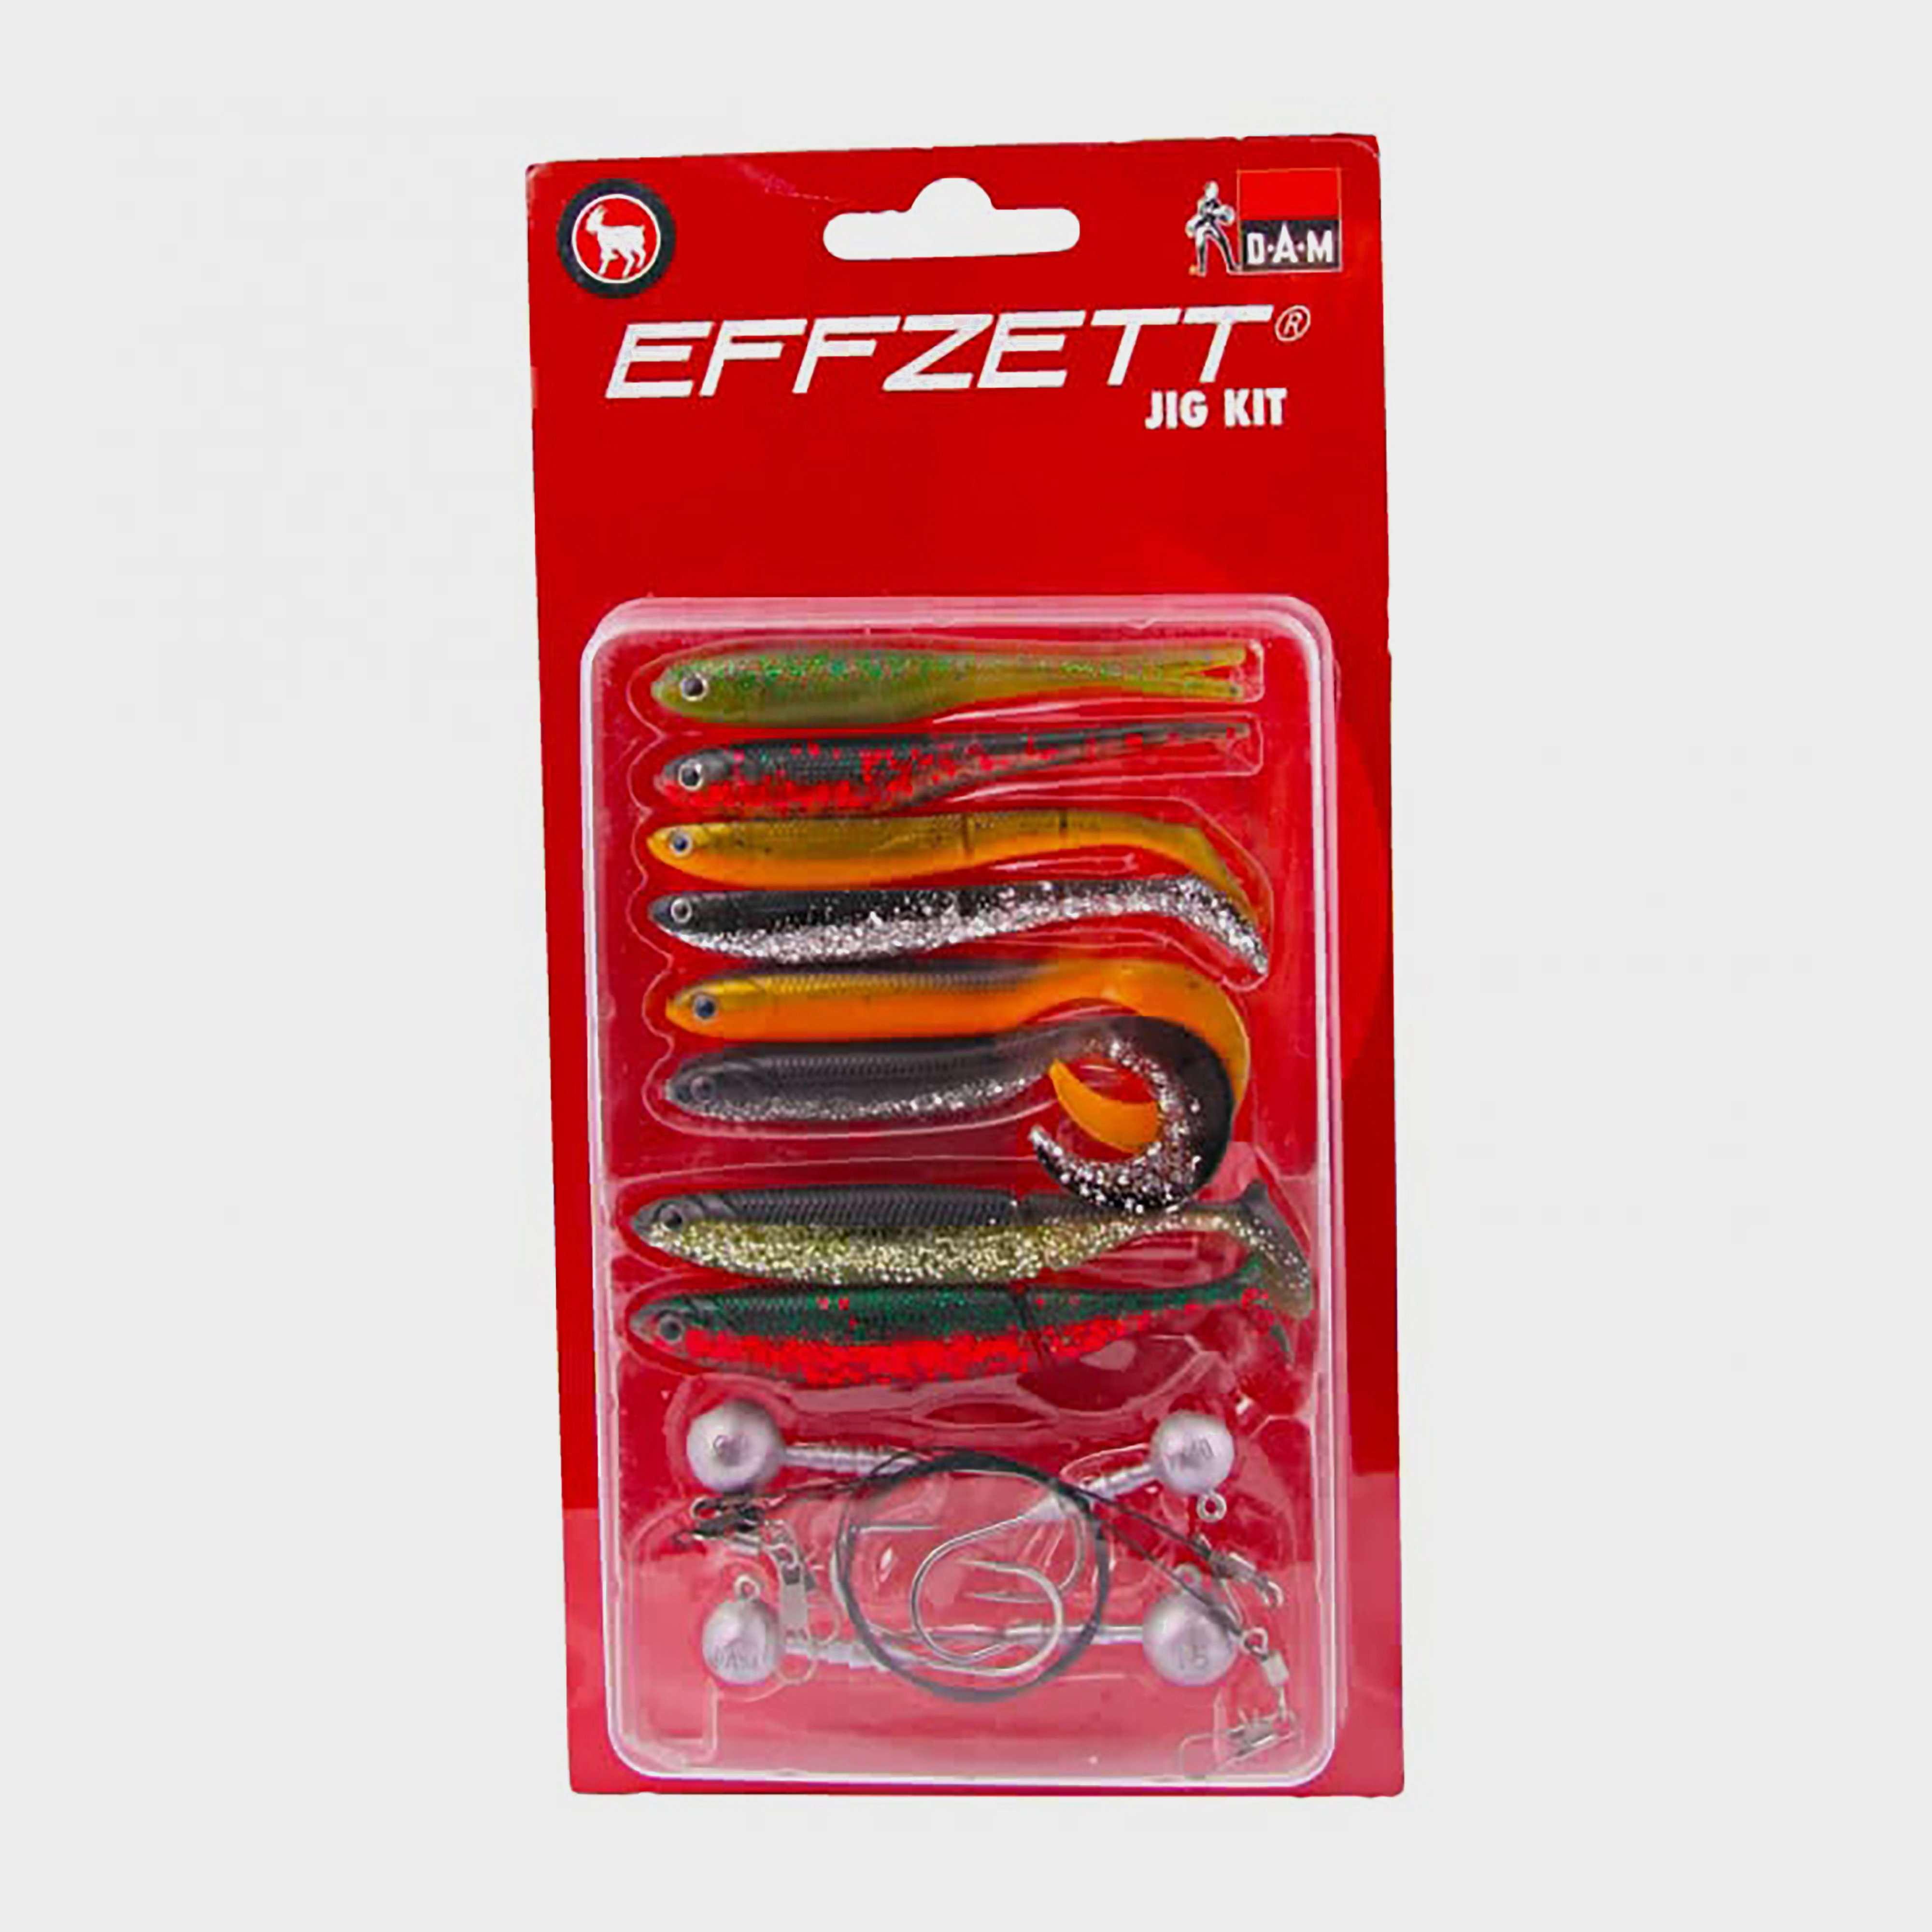 DAM Effzett® Jig Kit